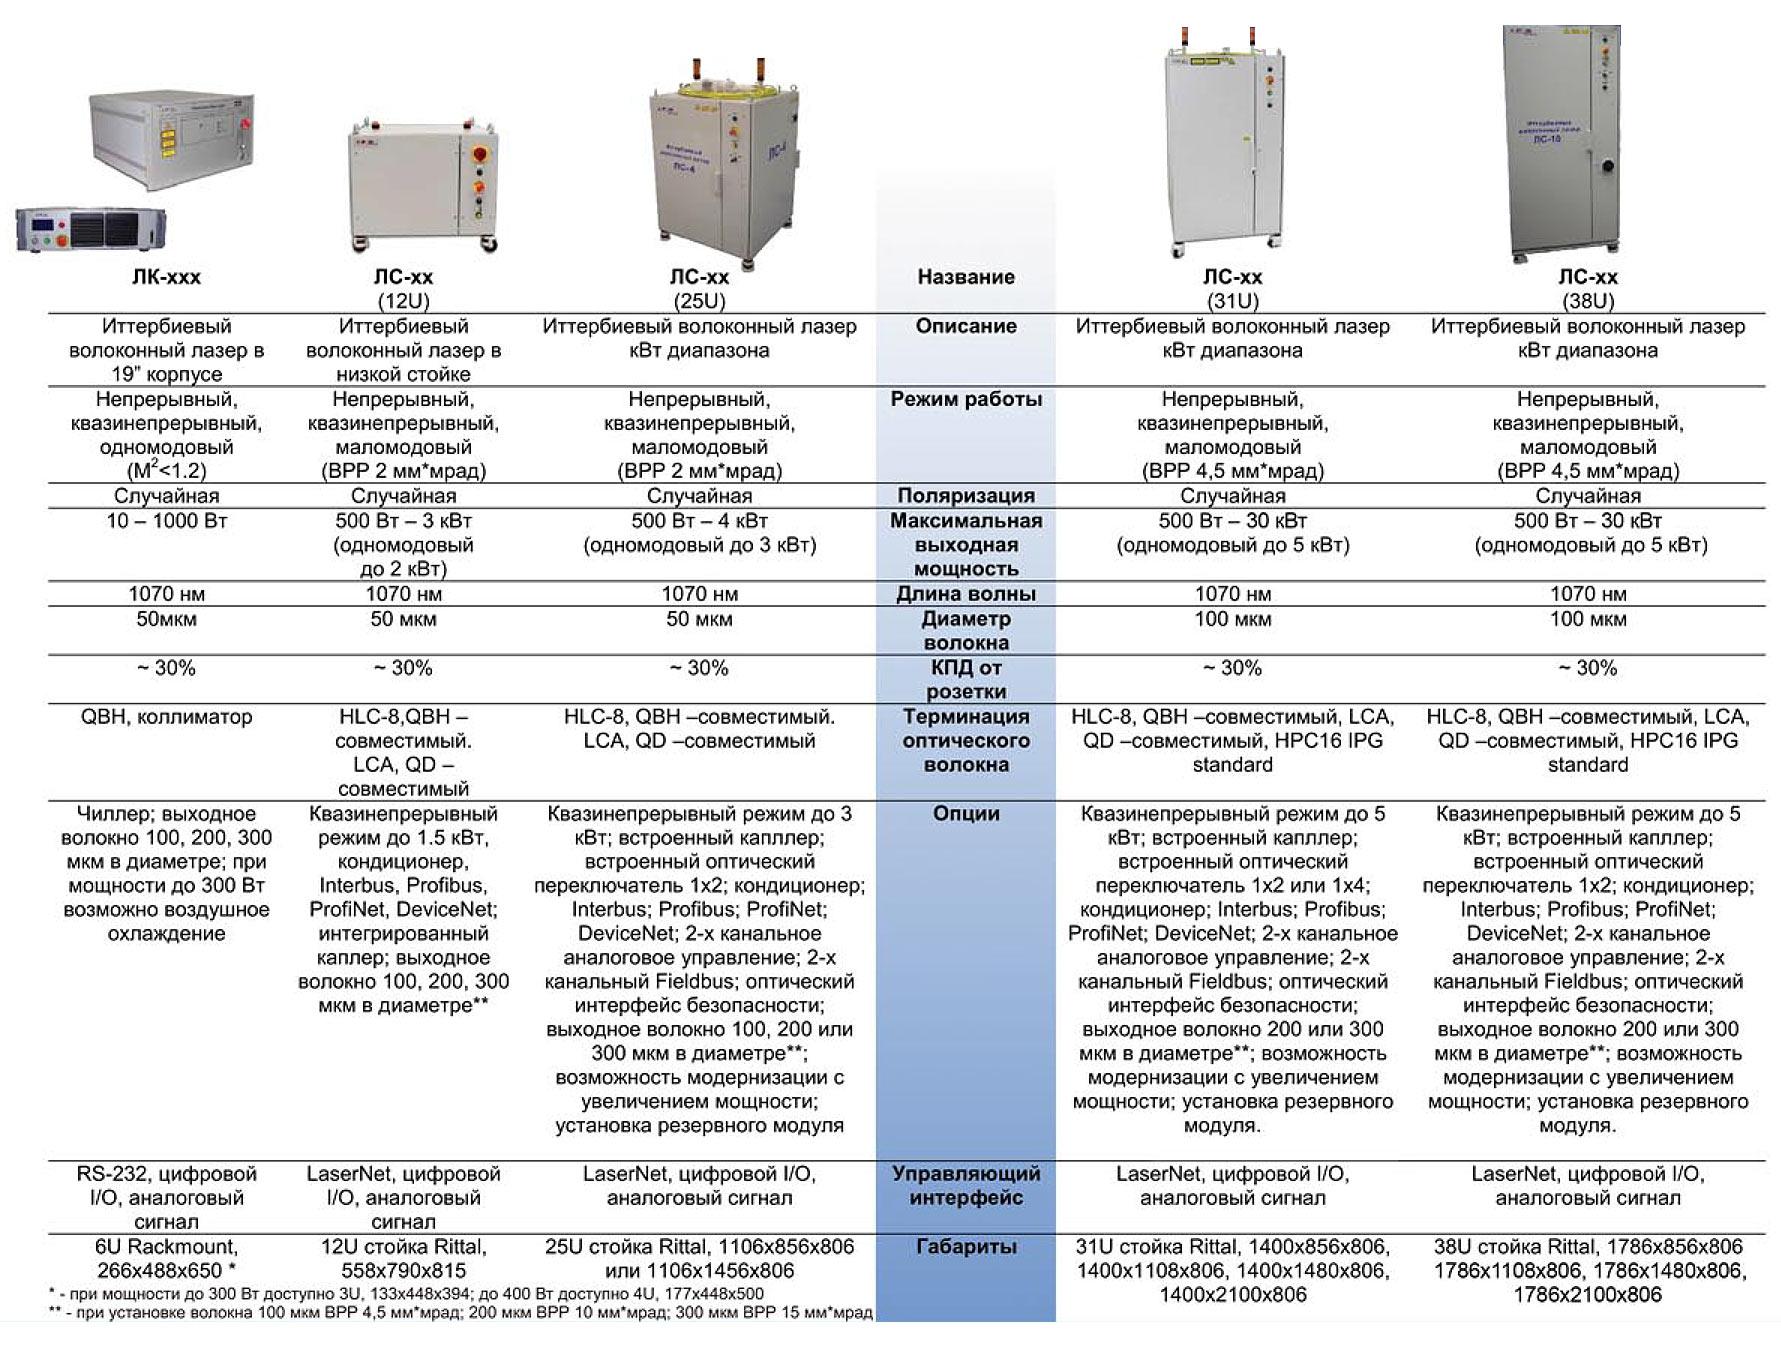 HP-fiber-laser-2